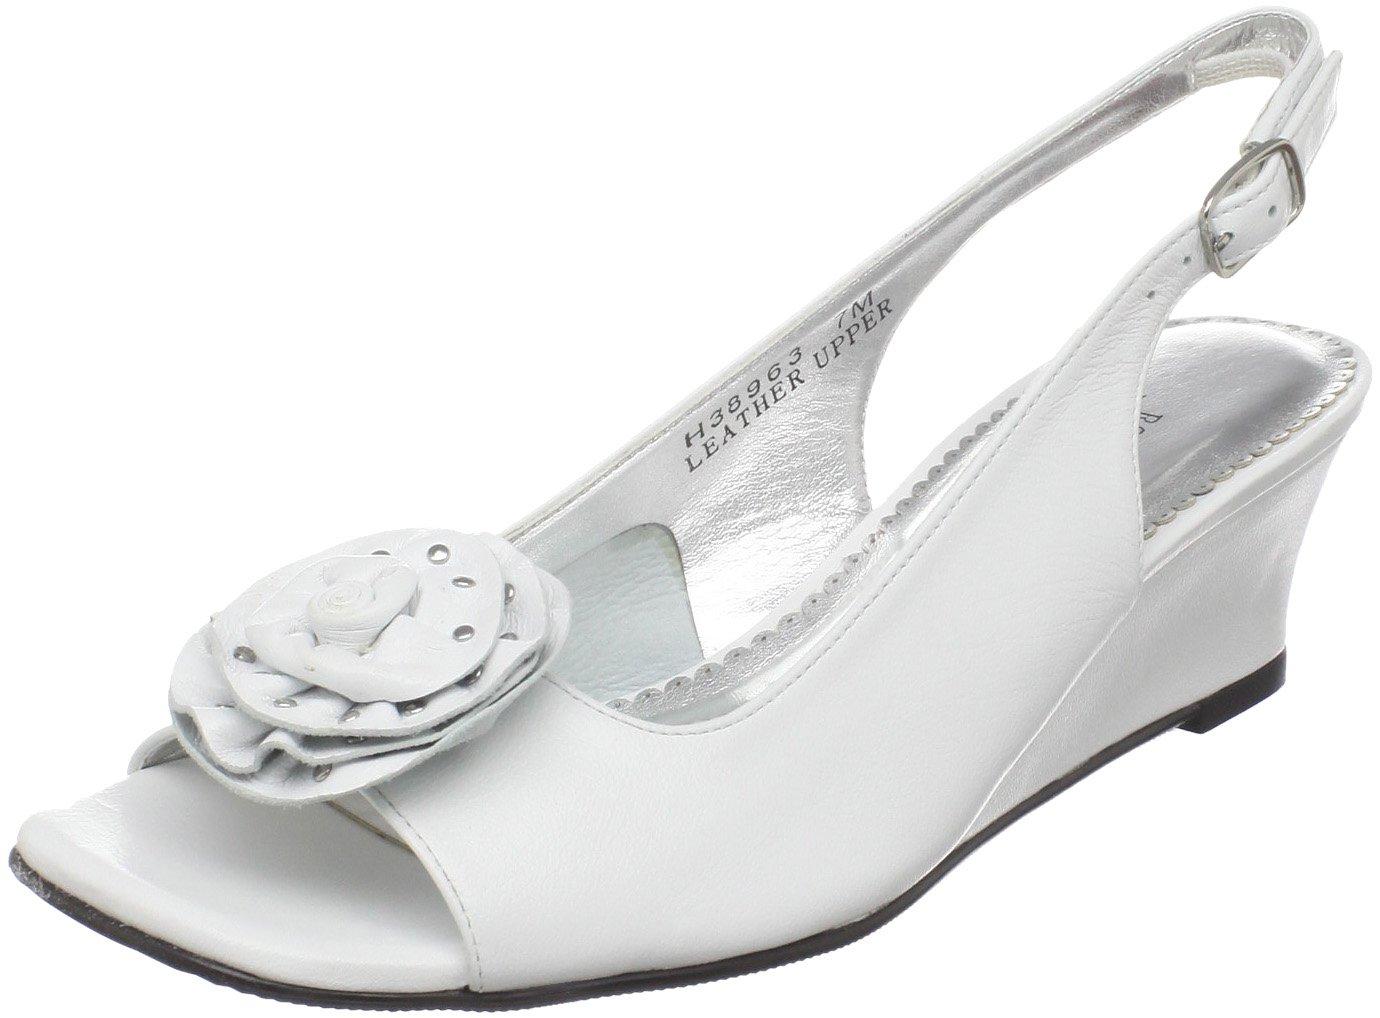 Rose Petals Women's Lela Dress Sandal B004138D1K 12 B(M) US|Silver Micropoints